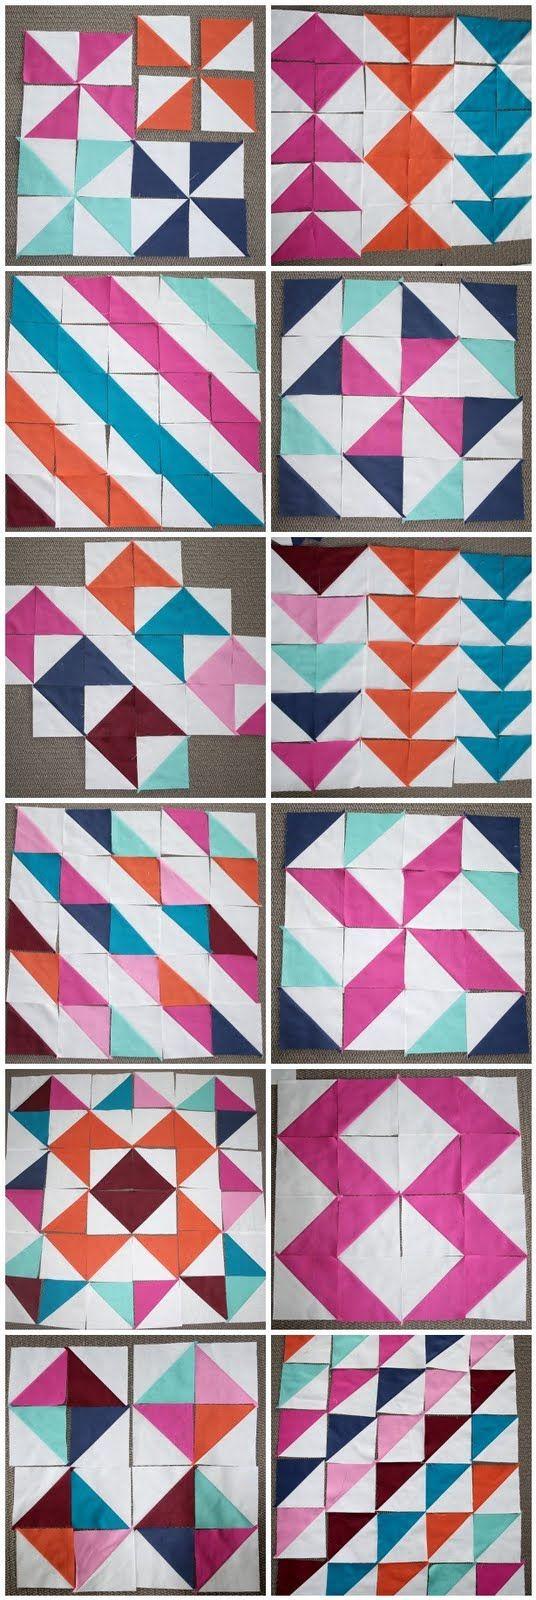 25 besten quilt patchwork ideen bilder auf pinterest stoffe selbst n hen und anleitungen. Black Bedroom Furniture Sets. Home Design Ideas